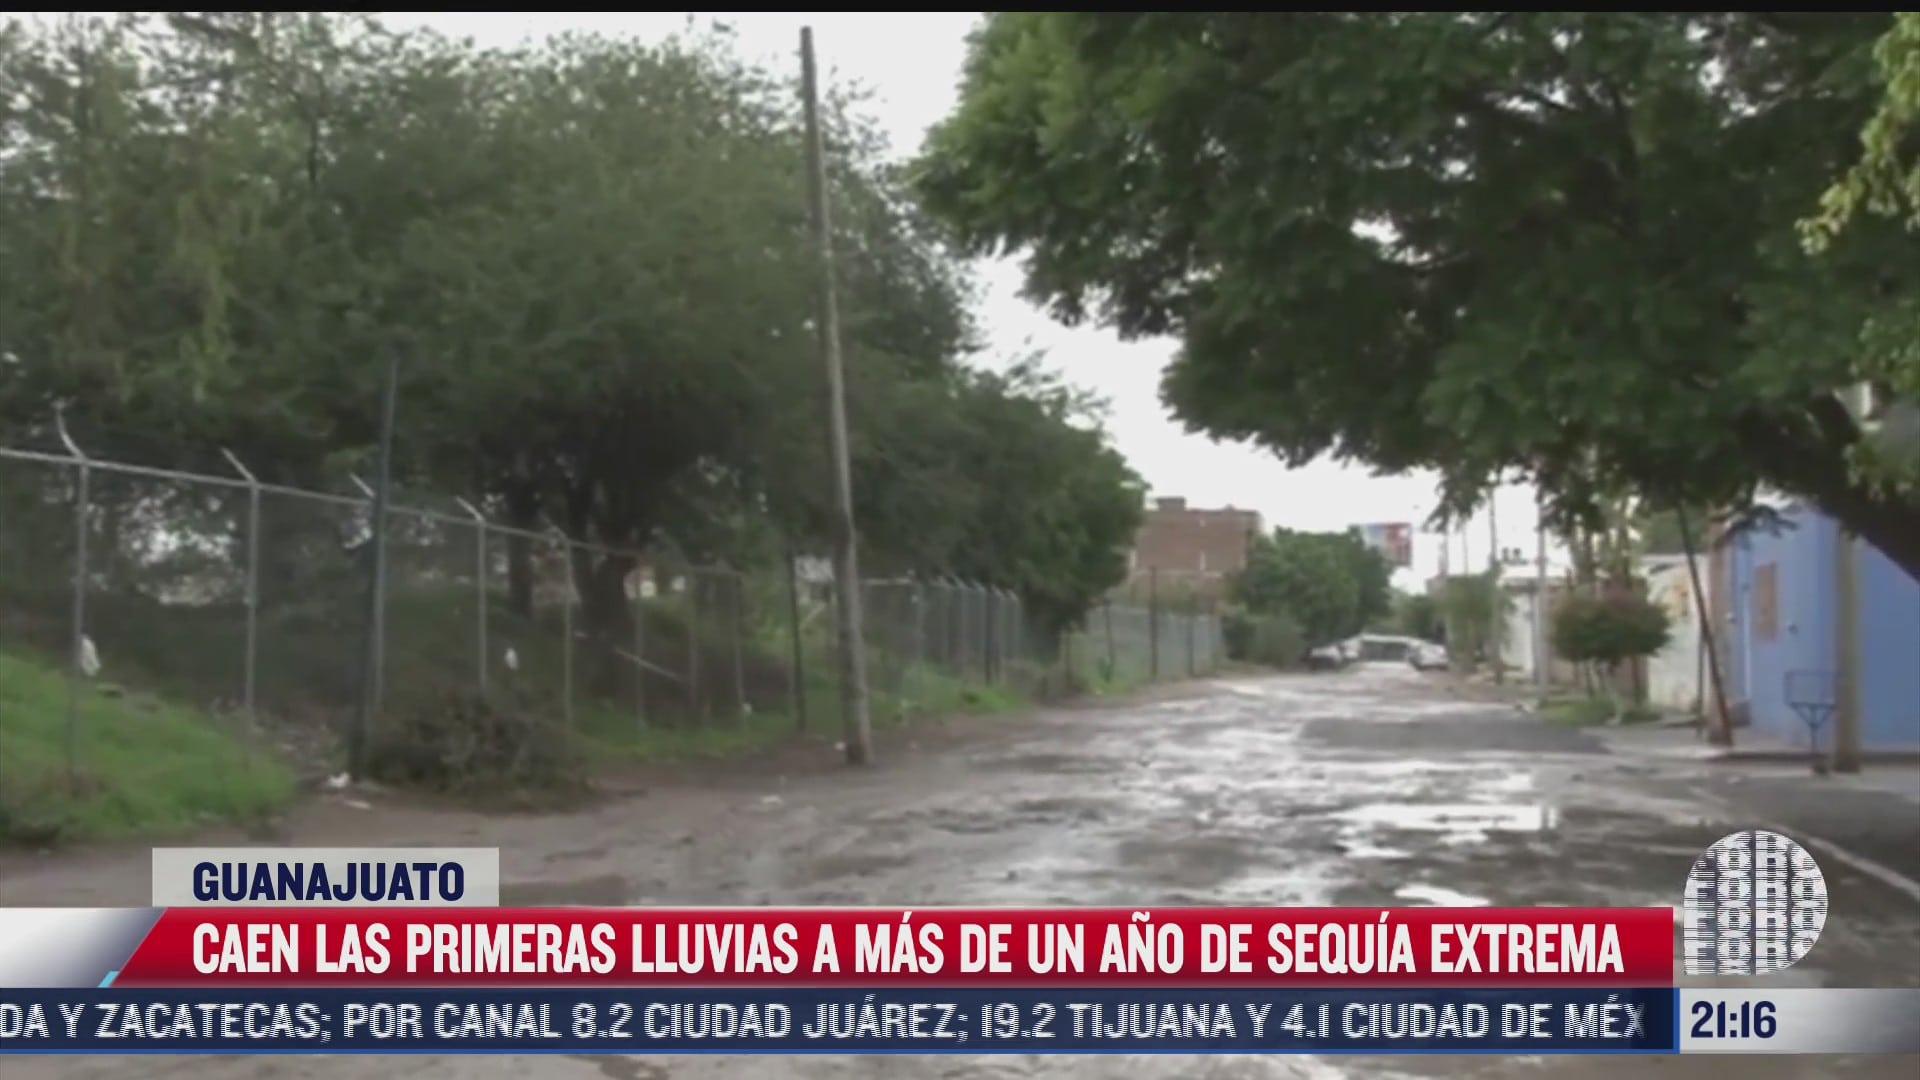 caen las primeras lluvias tras sequia extrema en guanajuato